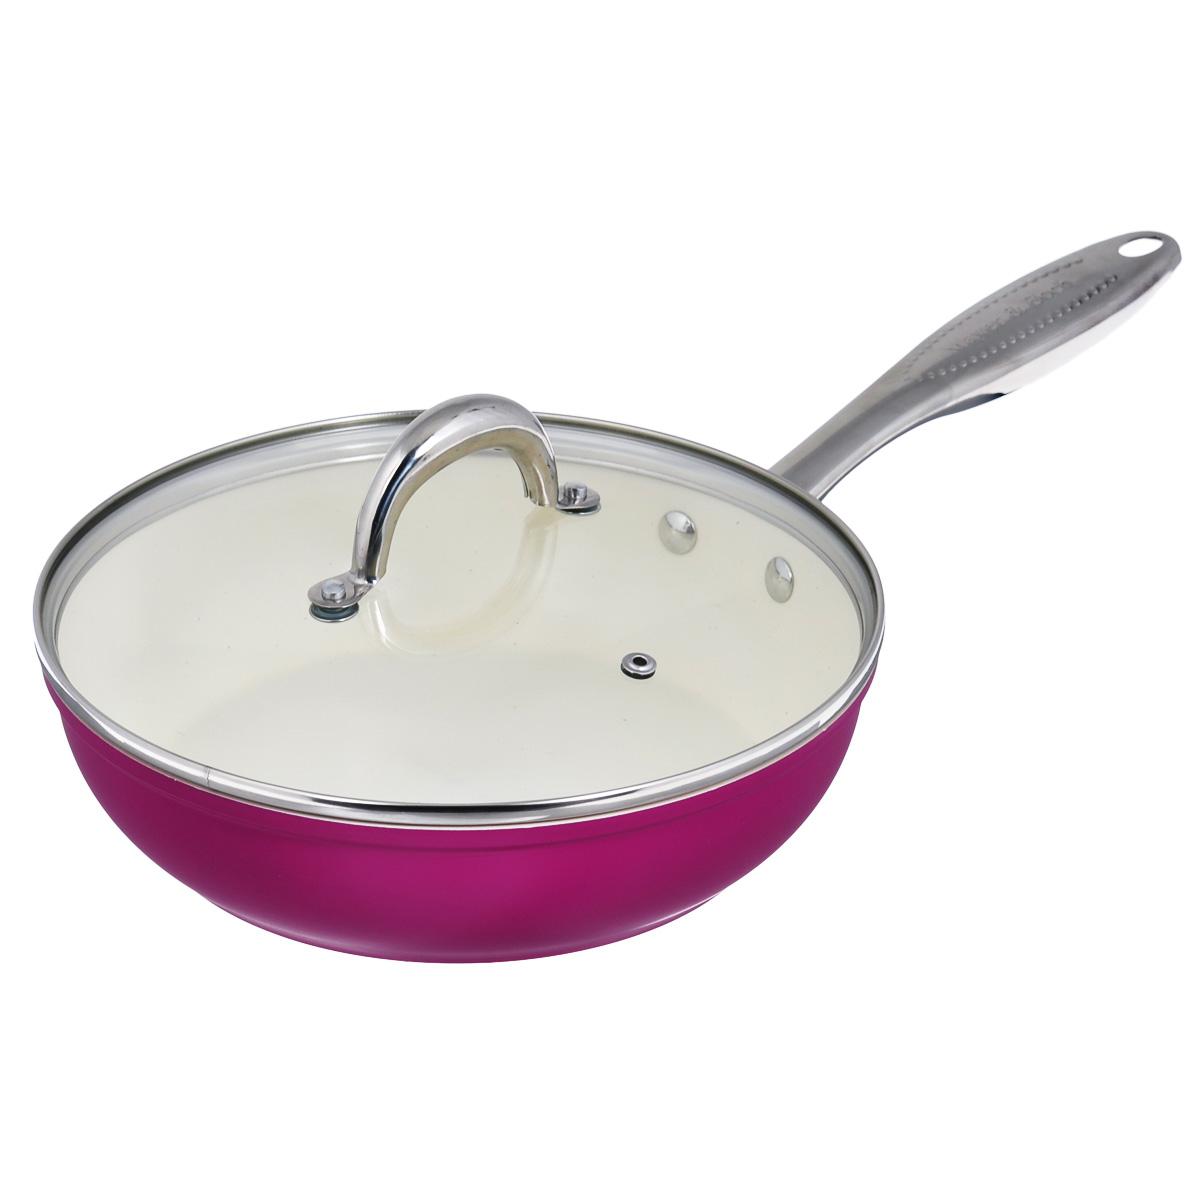 Сковорода Mayer & Boch с крышкой, с керамическим покрытием, цвет: малиновый. Диаметр 24 см. 2138421384Сковорода Mayer & Boch изготовлена из литого алюминия с керамическим покрытием. Сковорода предназначена для здорового и экологичного приготовления пищи. Пища не пригорает и не прилипает к стенкам. Посуда экологически чистая, не содержит примеси ПФОК. Рукоятка специального дизайна, выполненная из нержавеющей стали, удобна и комфортна в эксплуатации. Внешнее цветное покрытие устойчиво к воздействию высоких температур. Крышка изготовлена из жаропрочного стекла, оснащена ручкой, отверстием для выпуска пара и силиконовым ободом. Благодаря такой крышке можно следить за приготовлением пищи без потери тепла. Можно использовать на газовых, электрических, керамических и галогеновых плитах. Не подходит для индукционных плит. Можно мыть в посудомоечной машине. Диаметр (по верхнему краю): 24 см. Высота стенки: 6 см. Толщина стенки: 2,2 мм. Толщина дна: 3,5 мм. Длина ручки: 20 см.